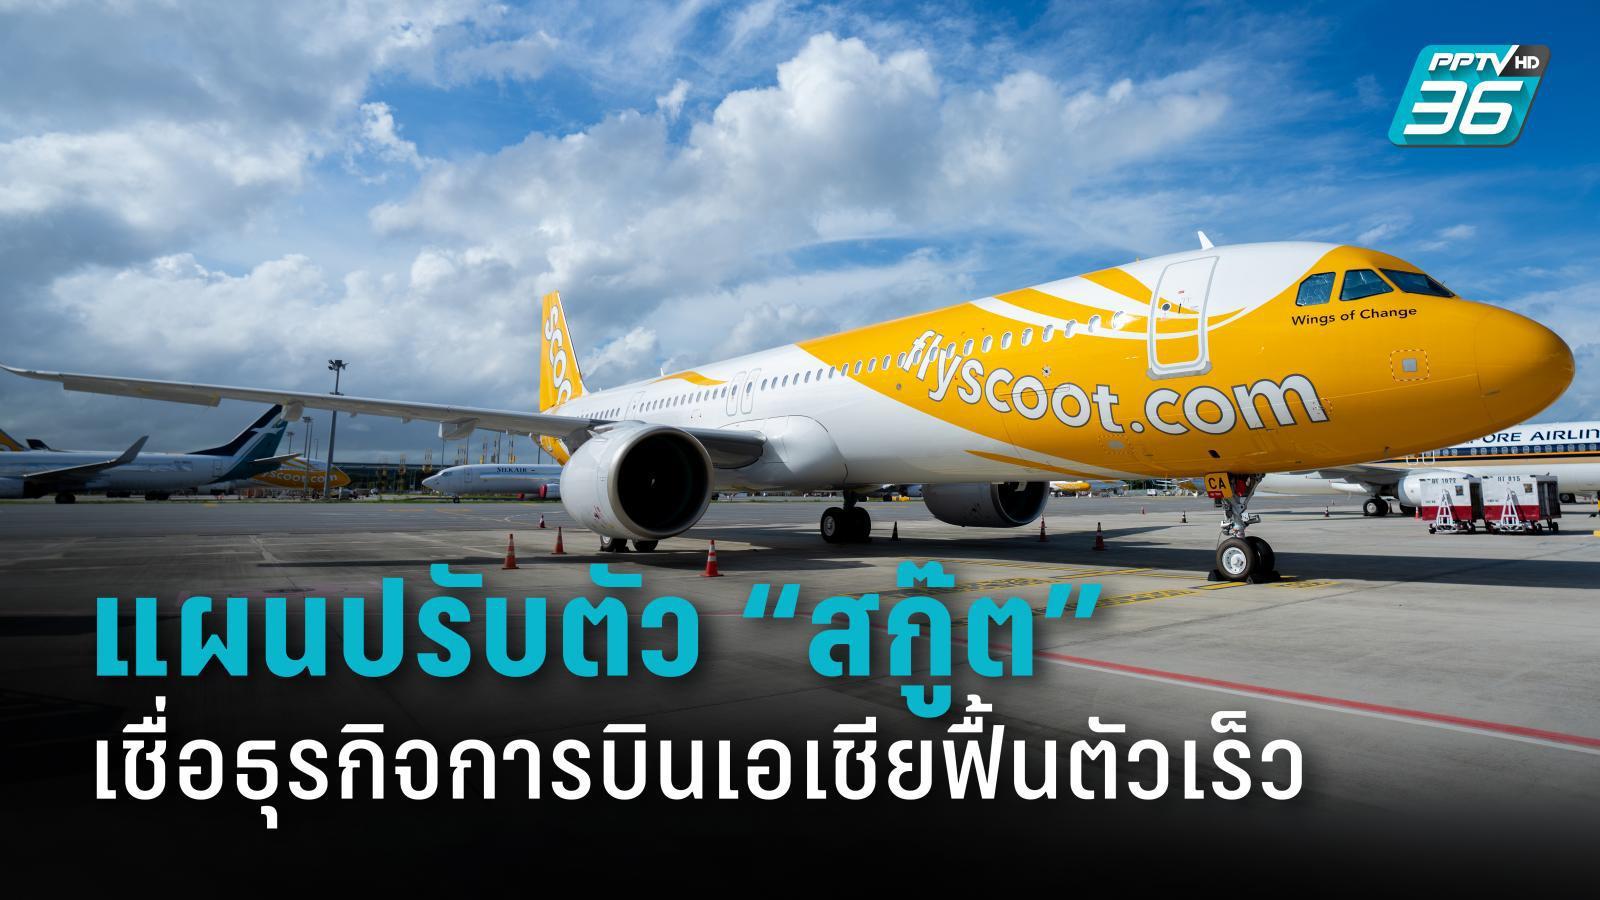 """""""สายการบินสกู๊ต"""" เปิดแผนปรับตัว พร้อมรับการฟื้นตัวของธุรกิจการบิน"""